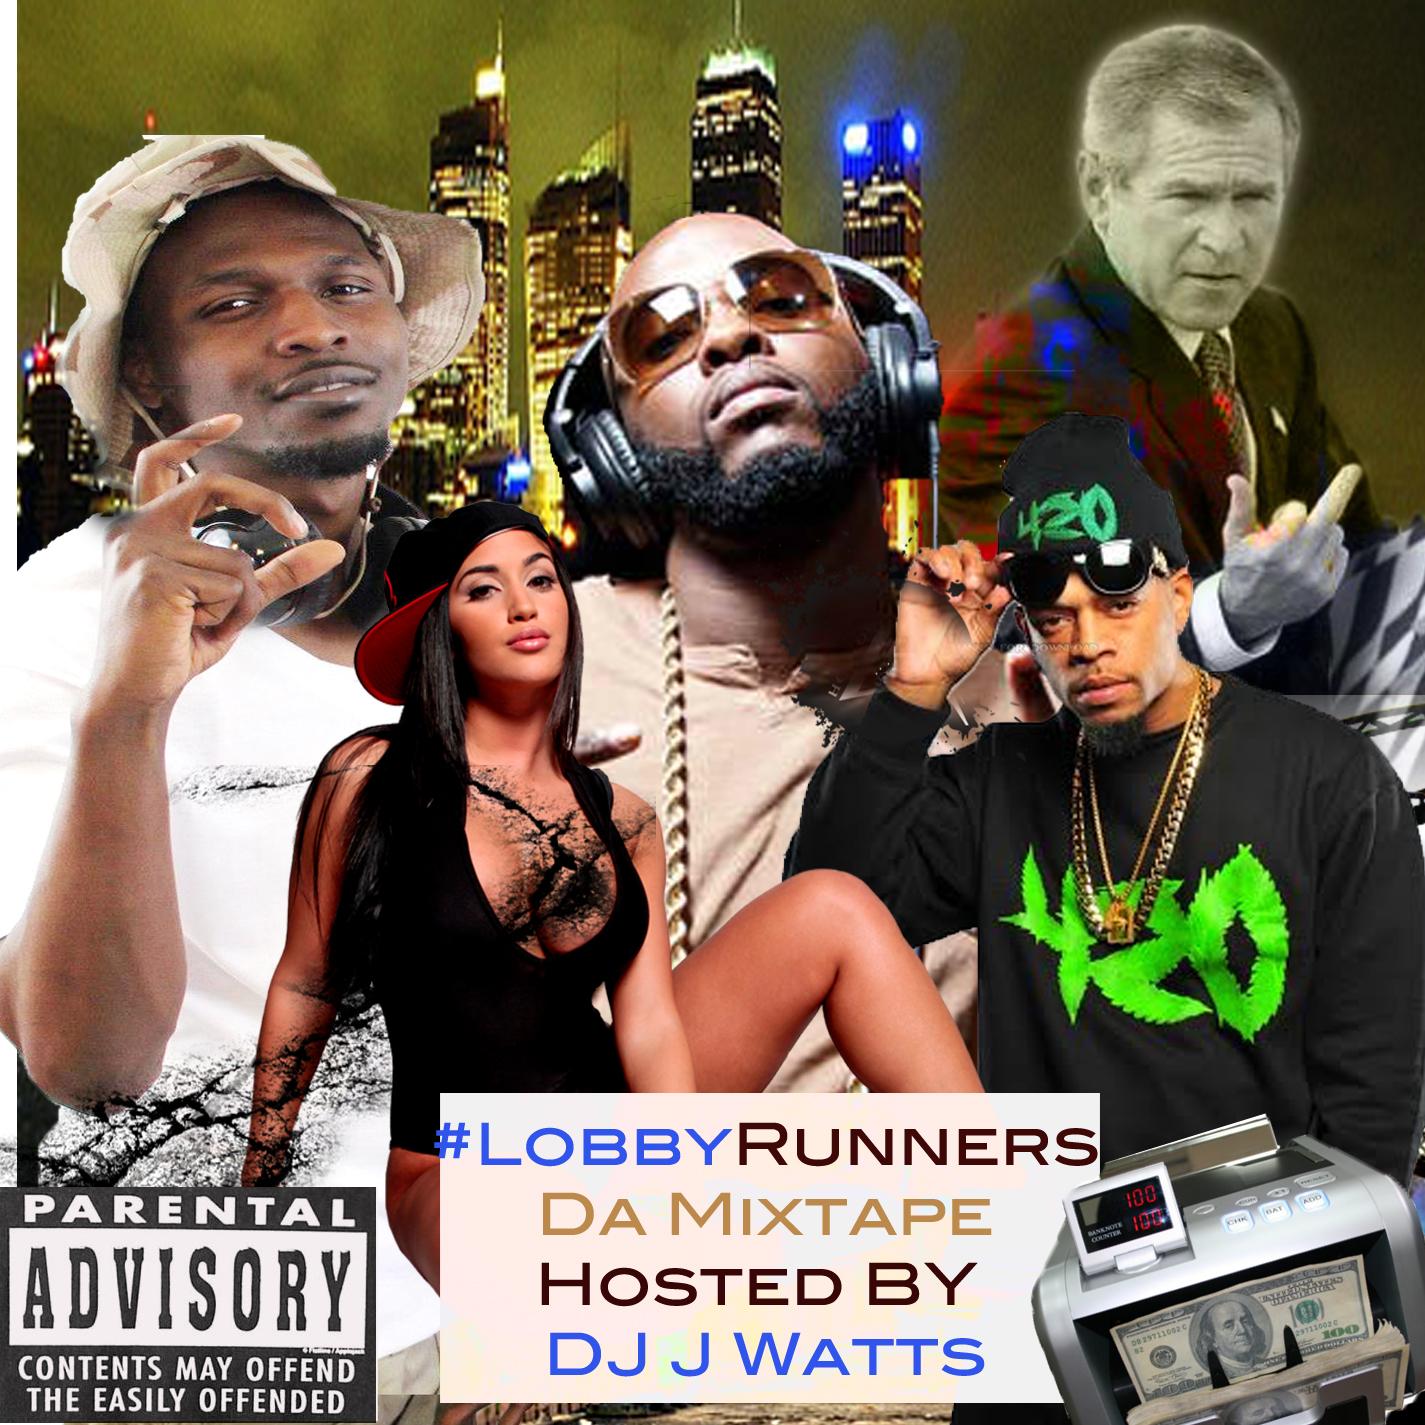 lobby Runners